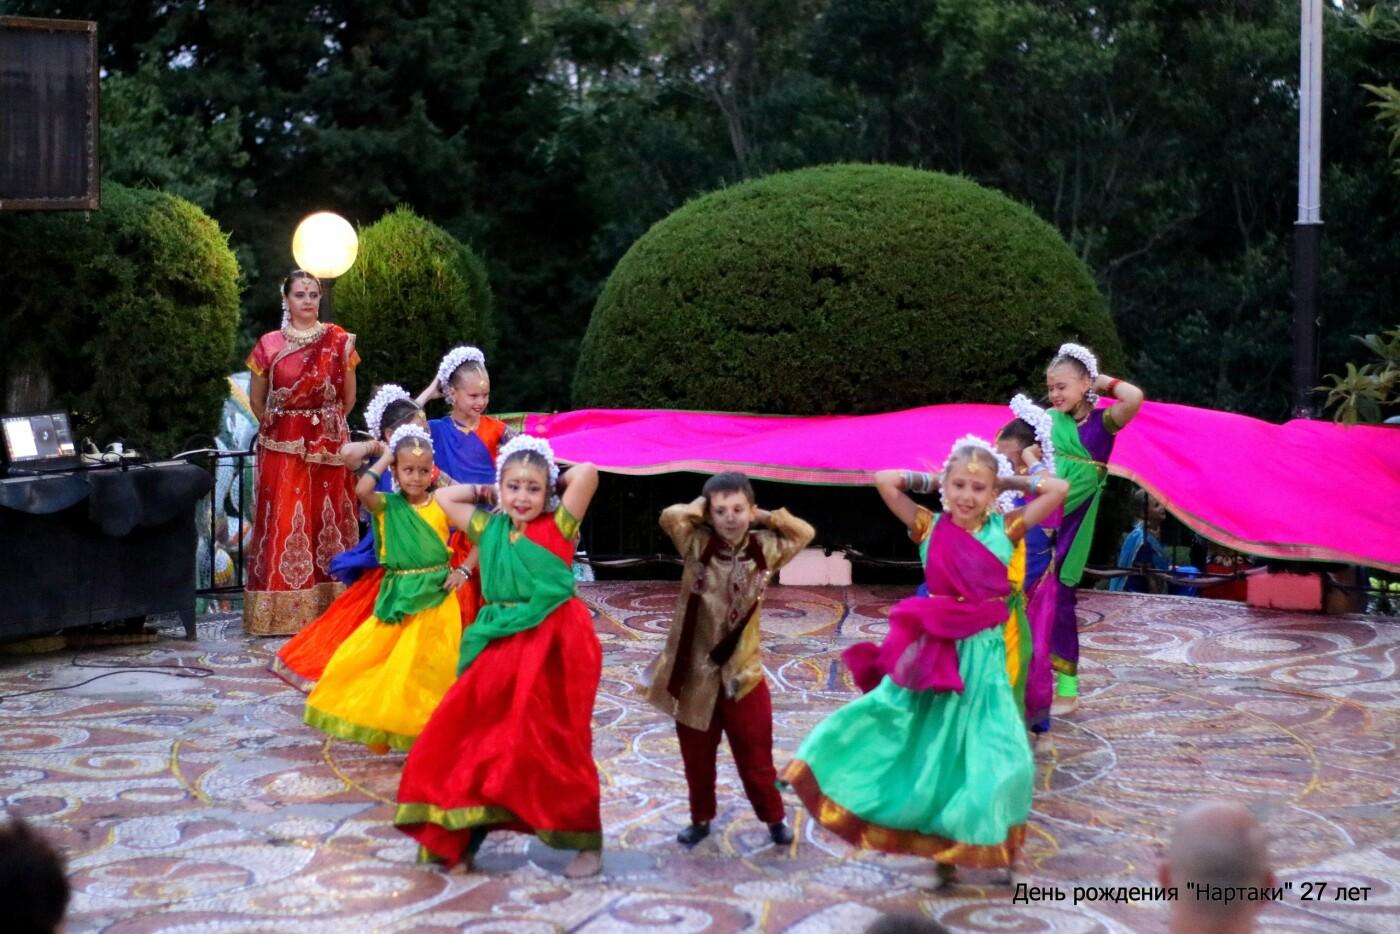 Образцовый ансамбль танца народов Востока из Кореиза «Нартаки» отметил свое 27-летие, фото-1